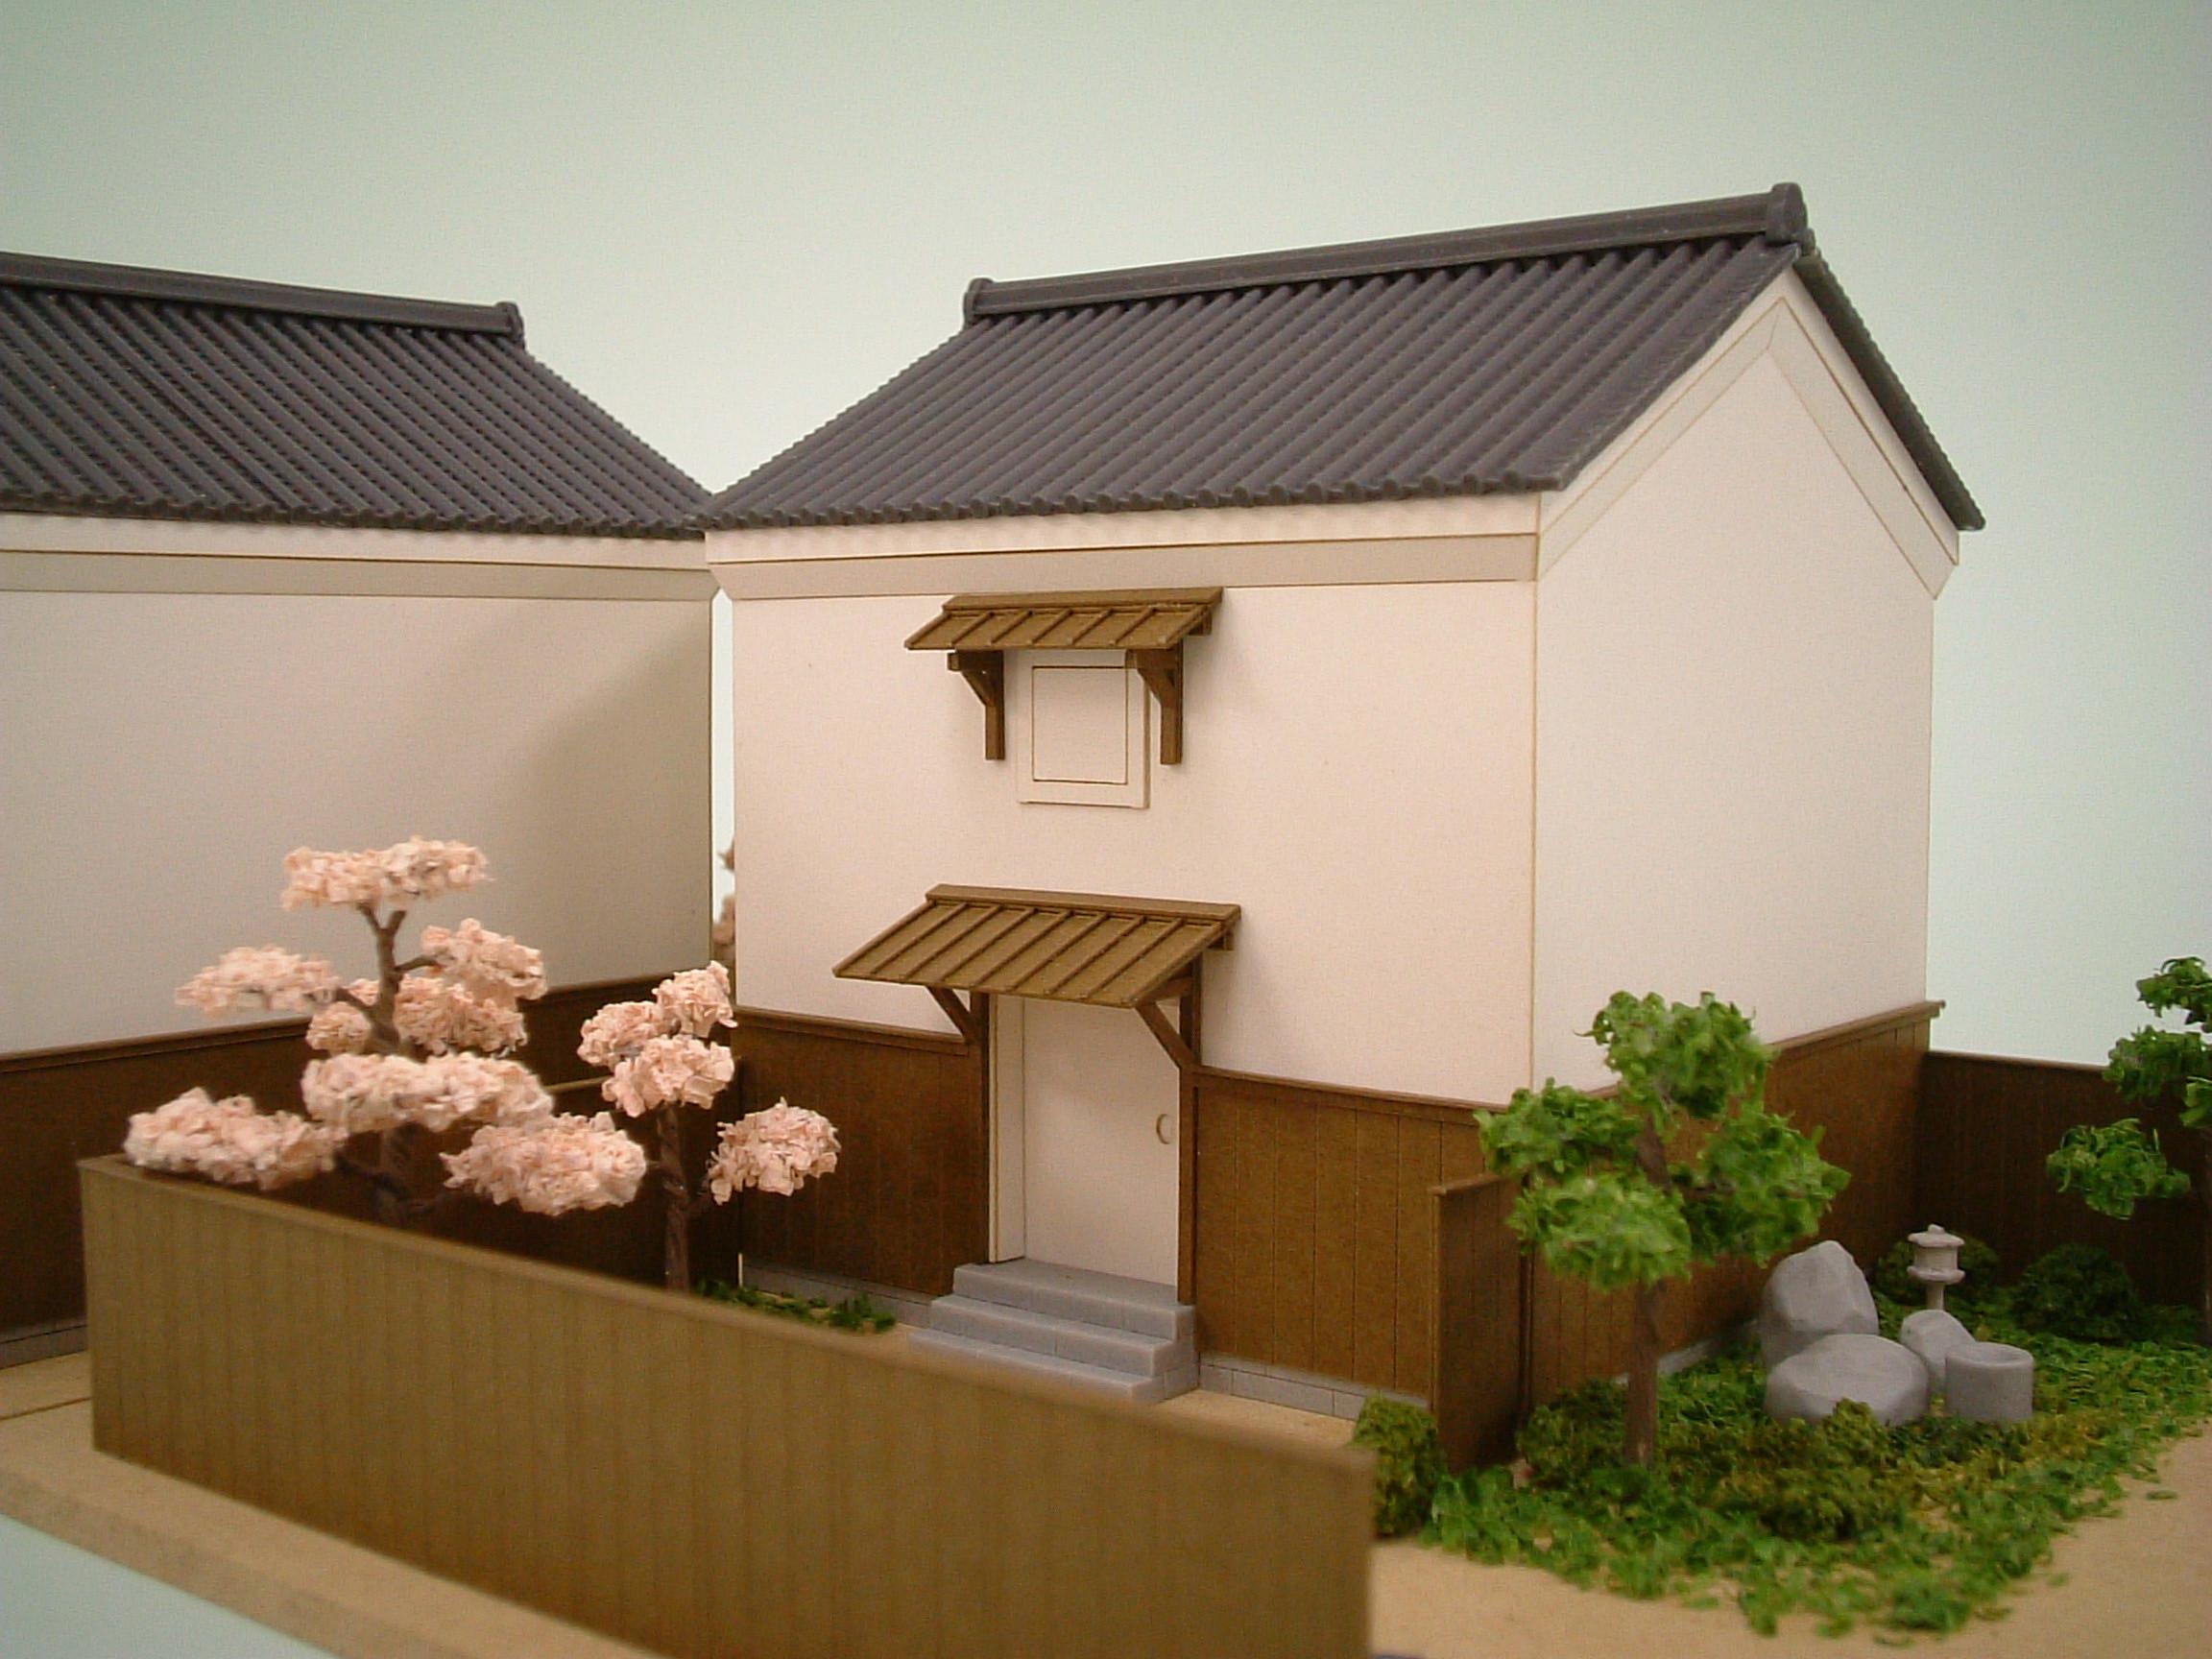 蔵-02平入り 左が妻入り、右が平入りの蔵です。 樹木セットの桜や「つくばいと庭石」を... 『